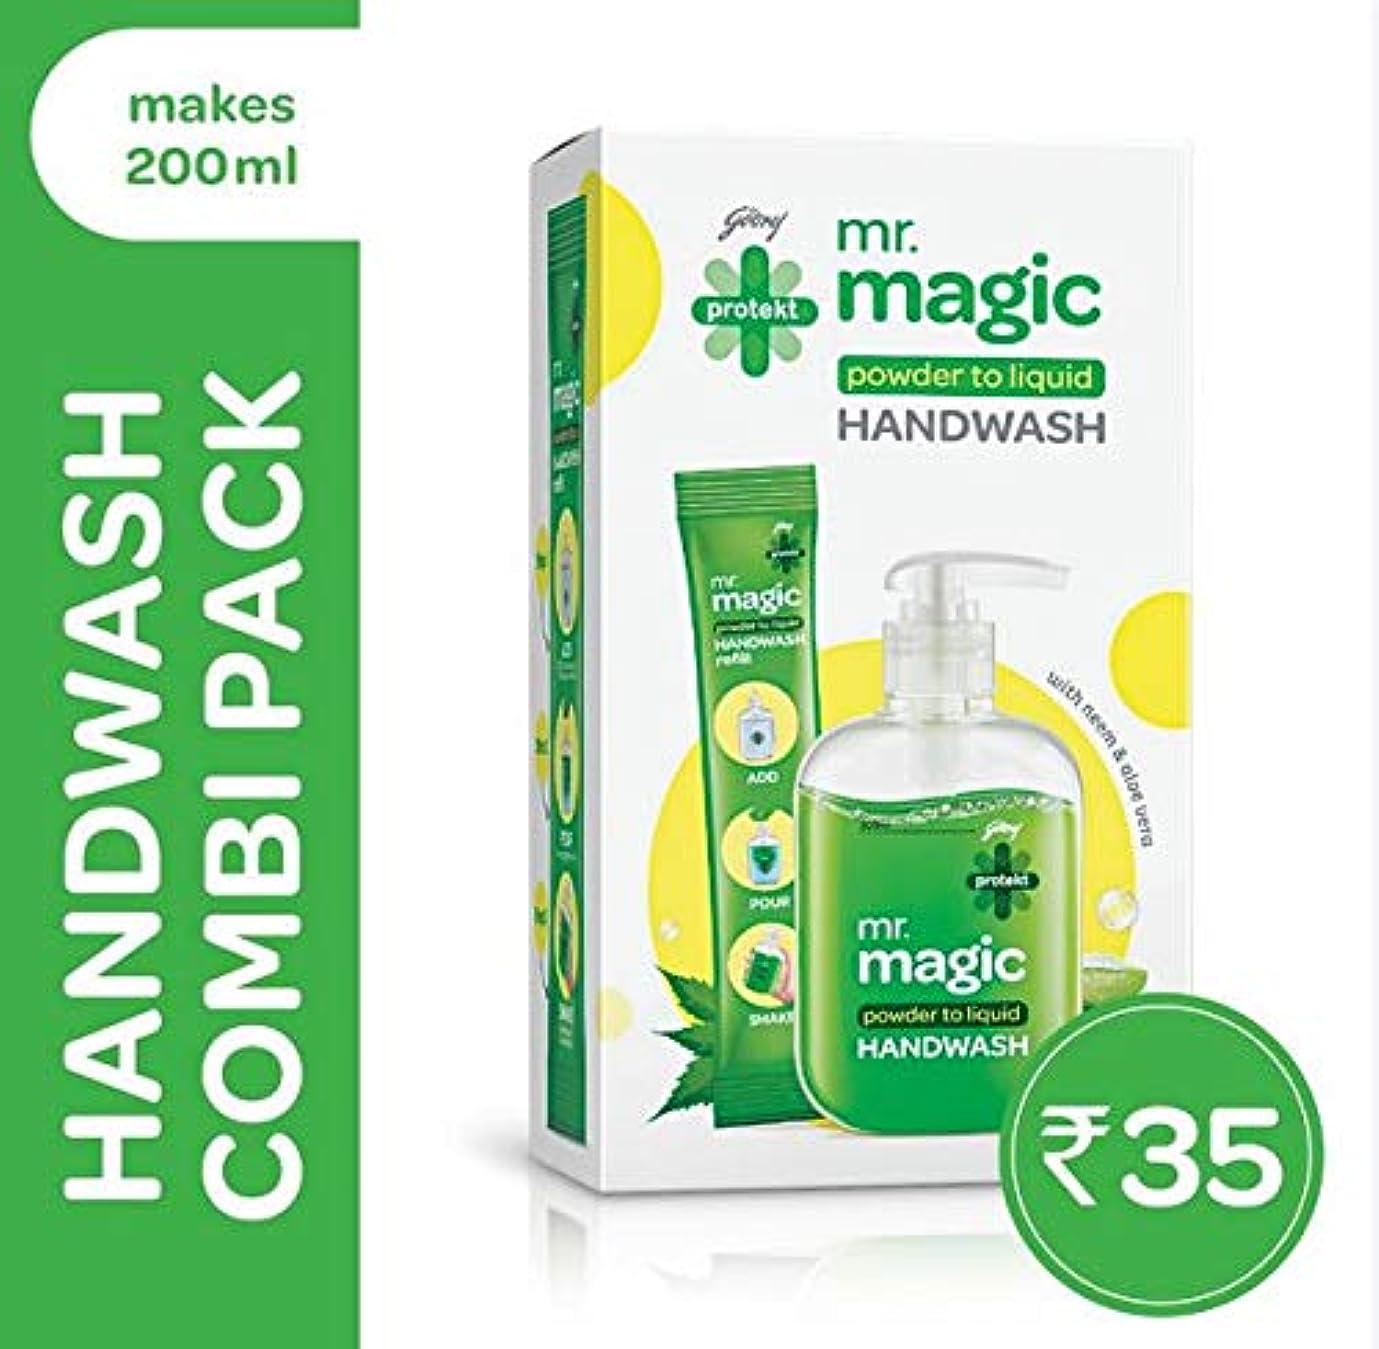 再生可能テーブルを設定する率直なGodrej Protekt Mr. Magic Handwash 9g (Pack of 2)